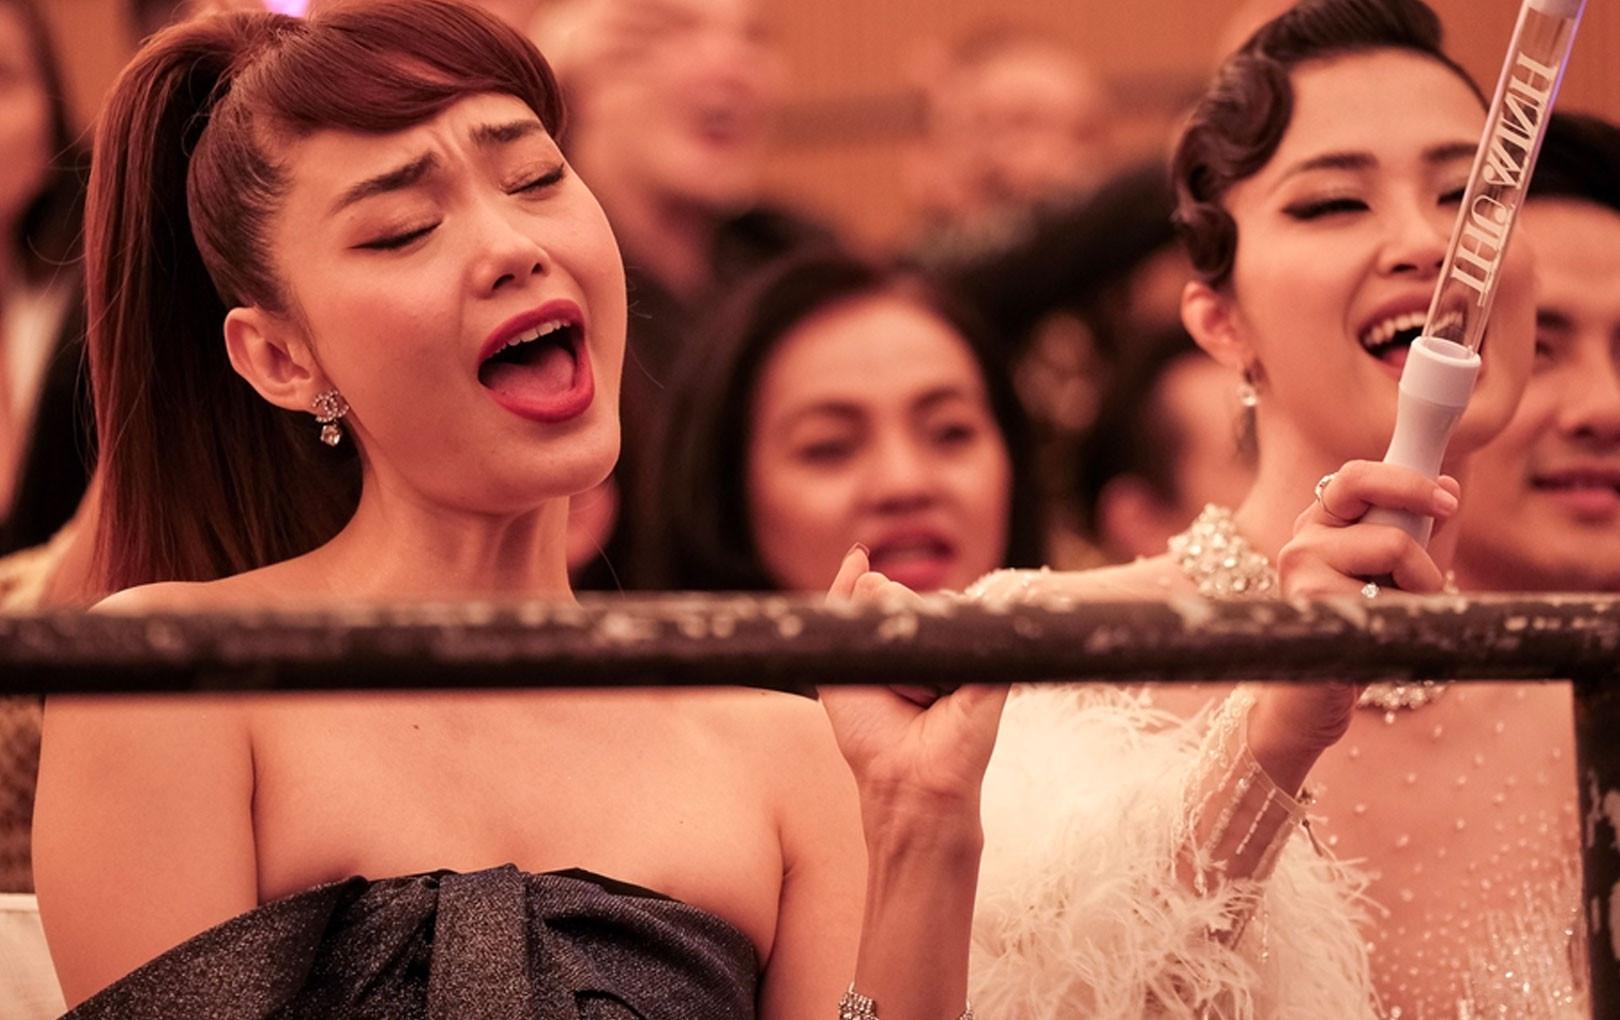 Đang quẩy nhạc cực sung bỗng nhận ra mình ngồi ngay hàng đầu, đây là cách Đông Nhi và Minh Hằng chữa thẹn cực đáng yêu